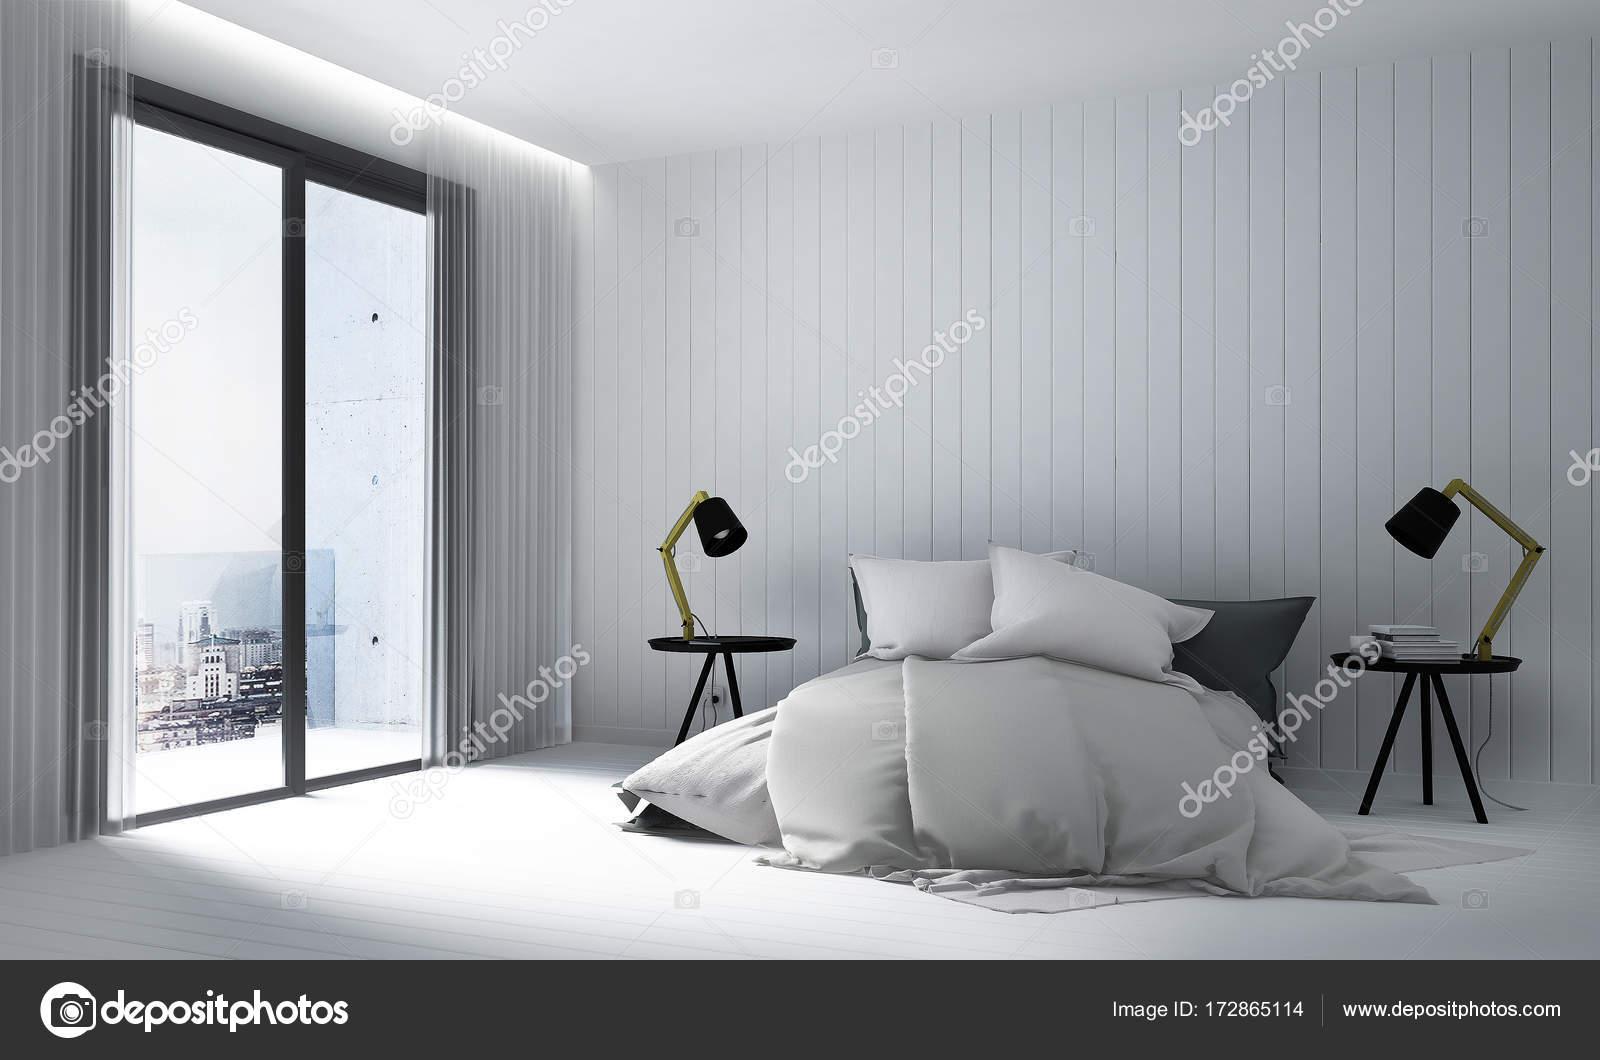 Design Du0027intérieur Chambre à Coucher Moderne Et Bois Blanc Mur Fondu2013 Images  De Stock Libres De Droits